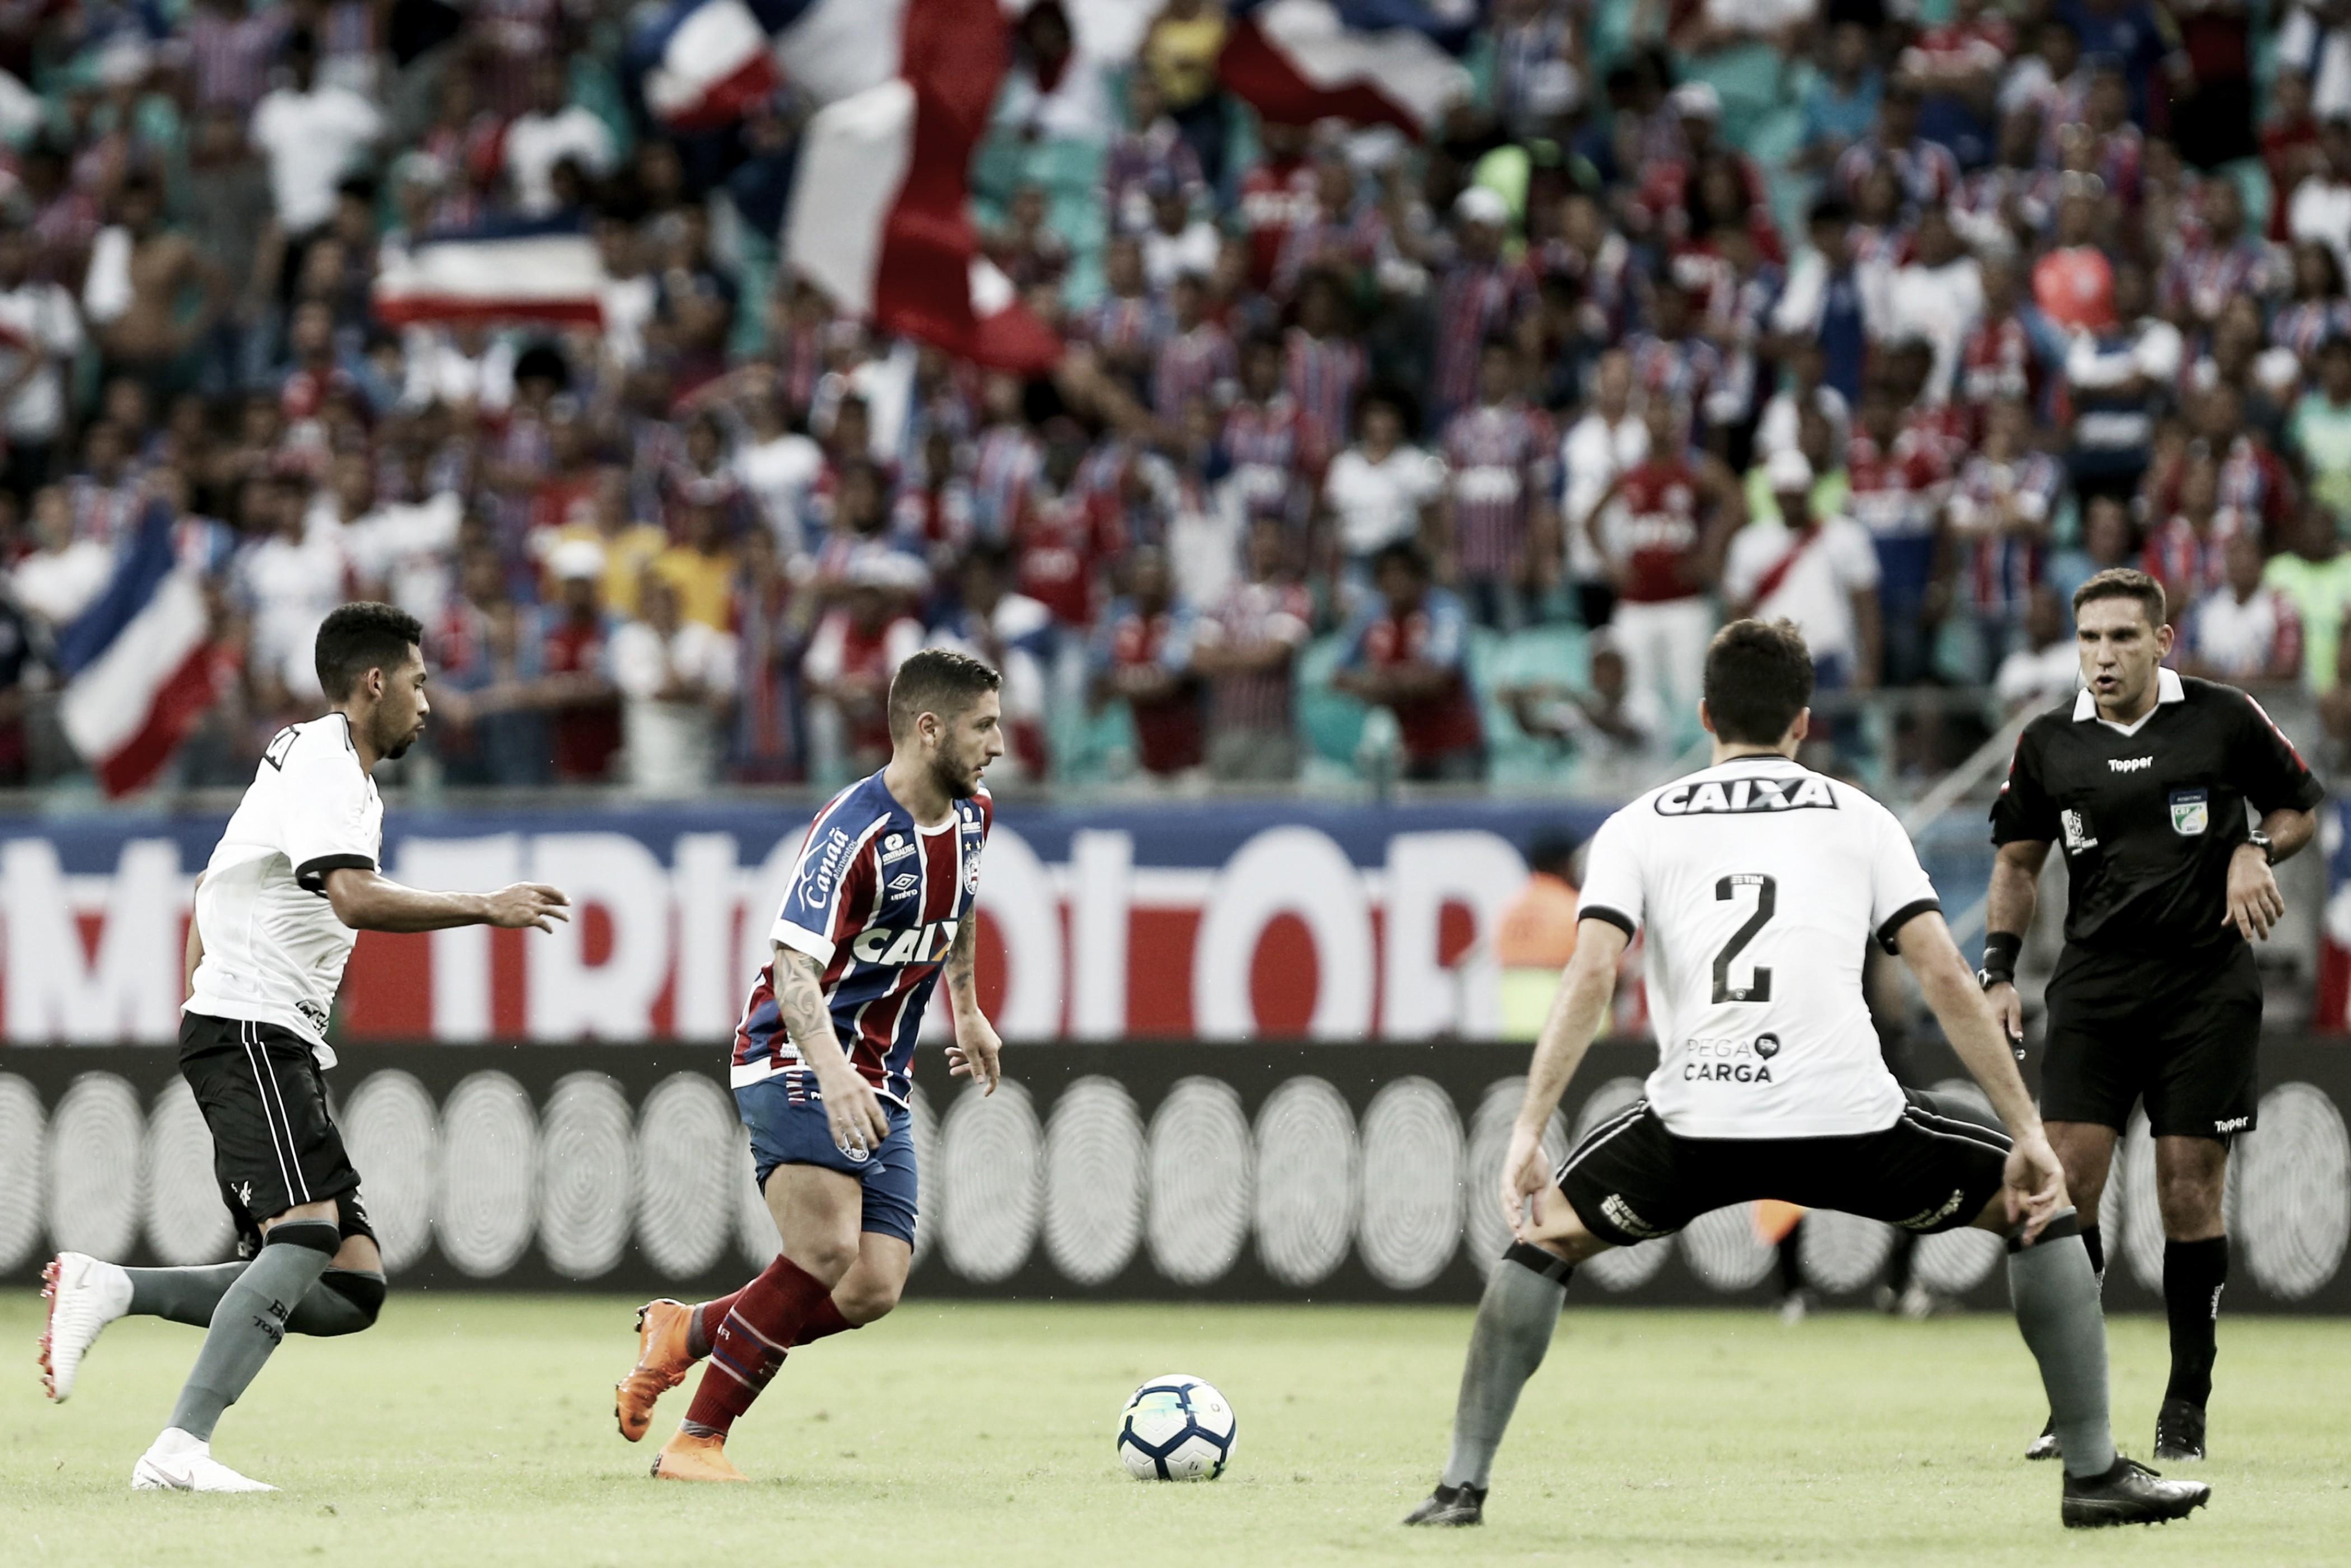 Bahia recebe Botafogo no primeiro duelo das oitavas de final da Sul-Americana